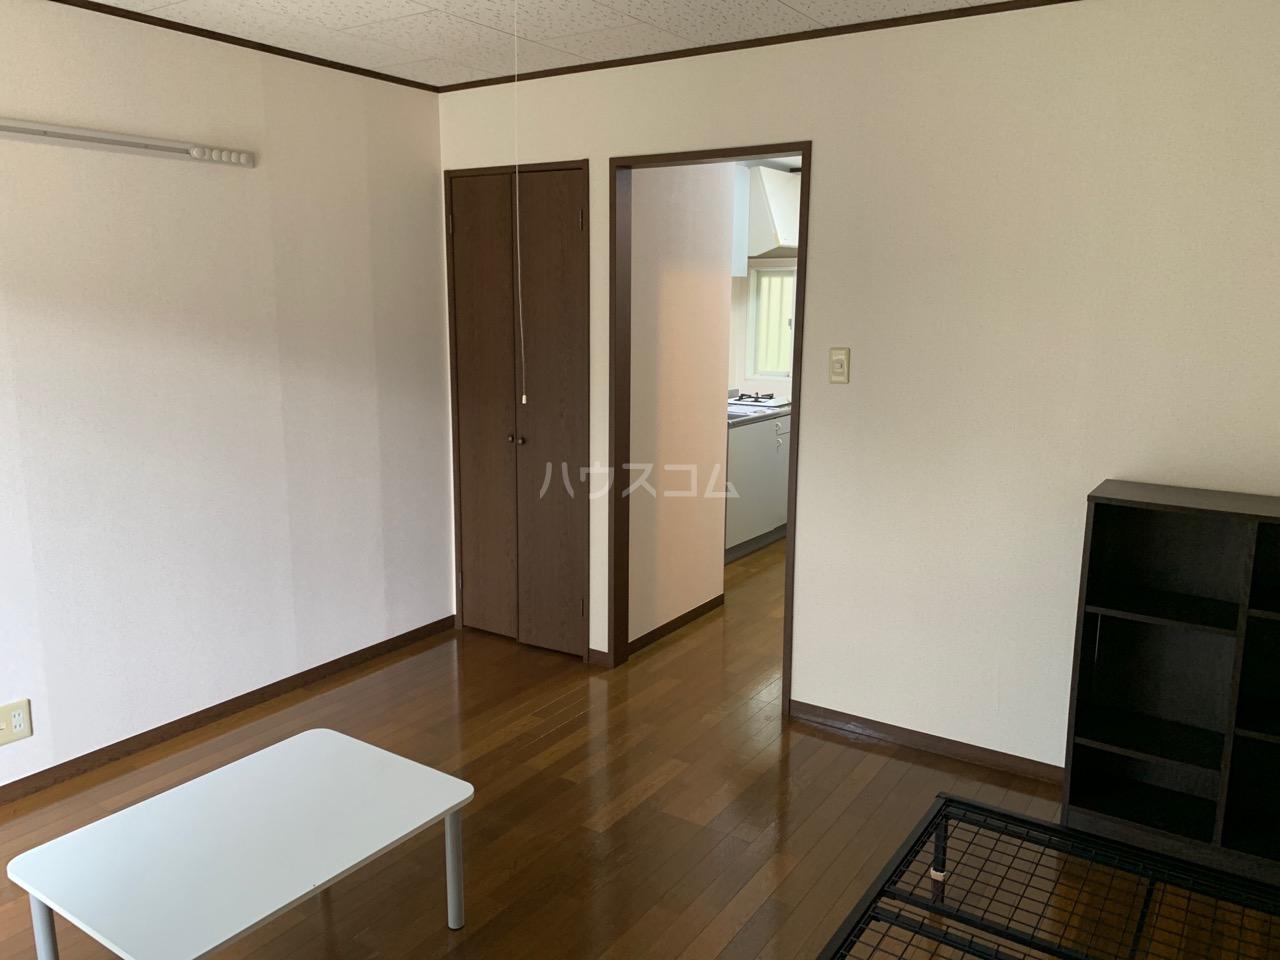 サニーコート伊藤 1-D号室の居室